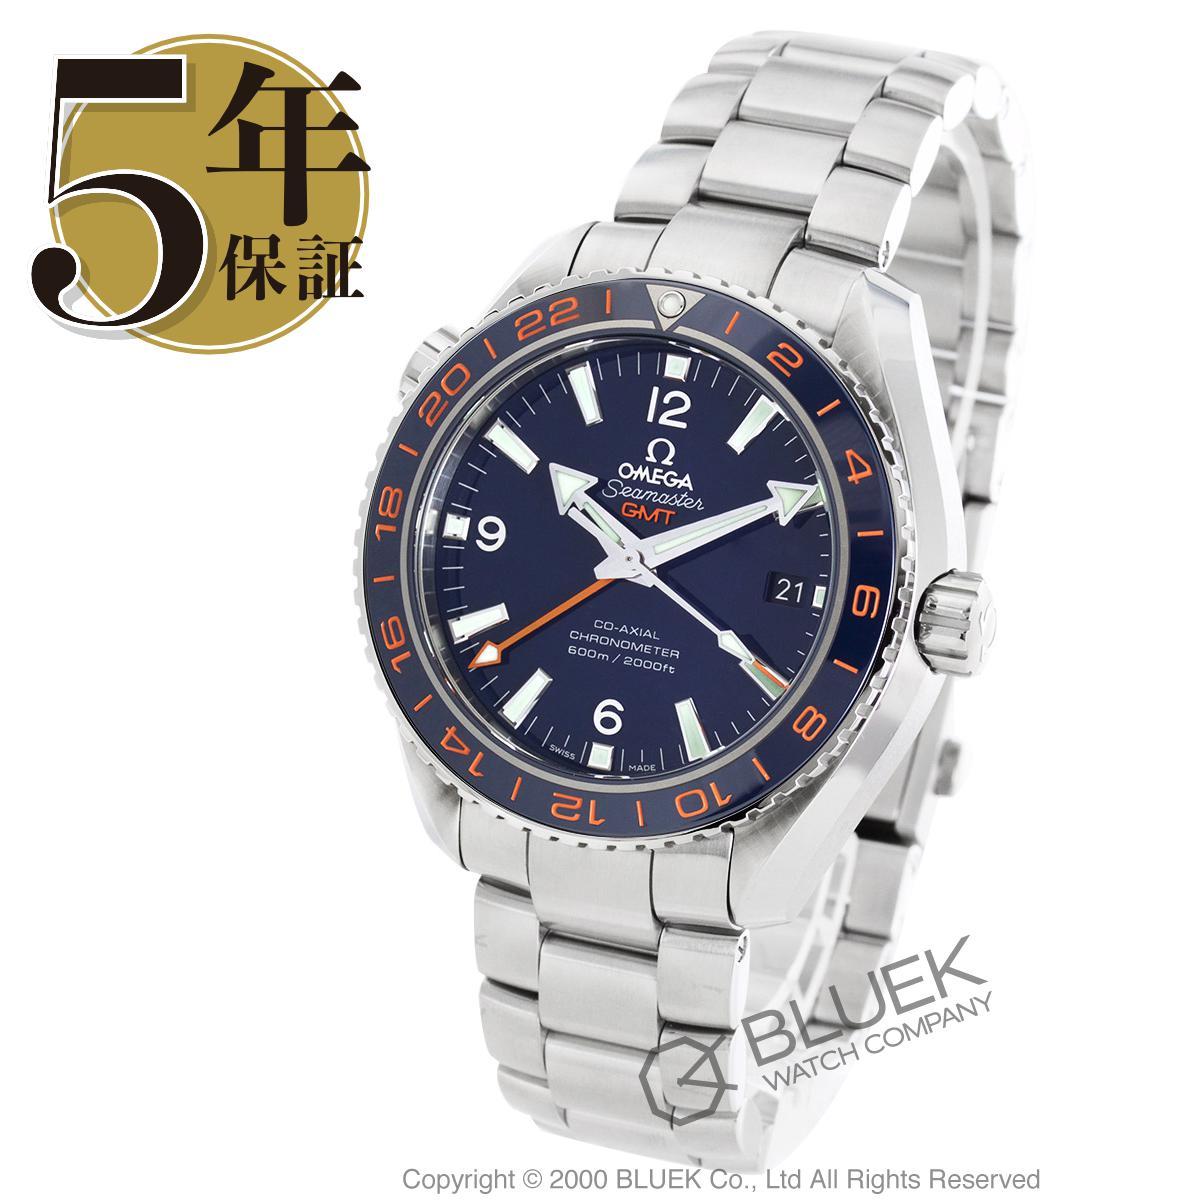 オメガ OMEGA 腕時計 シーマスター プラネットオーシャン 600m防水 メンズ 232.30.44.22.03.001_8